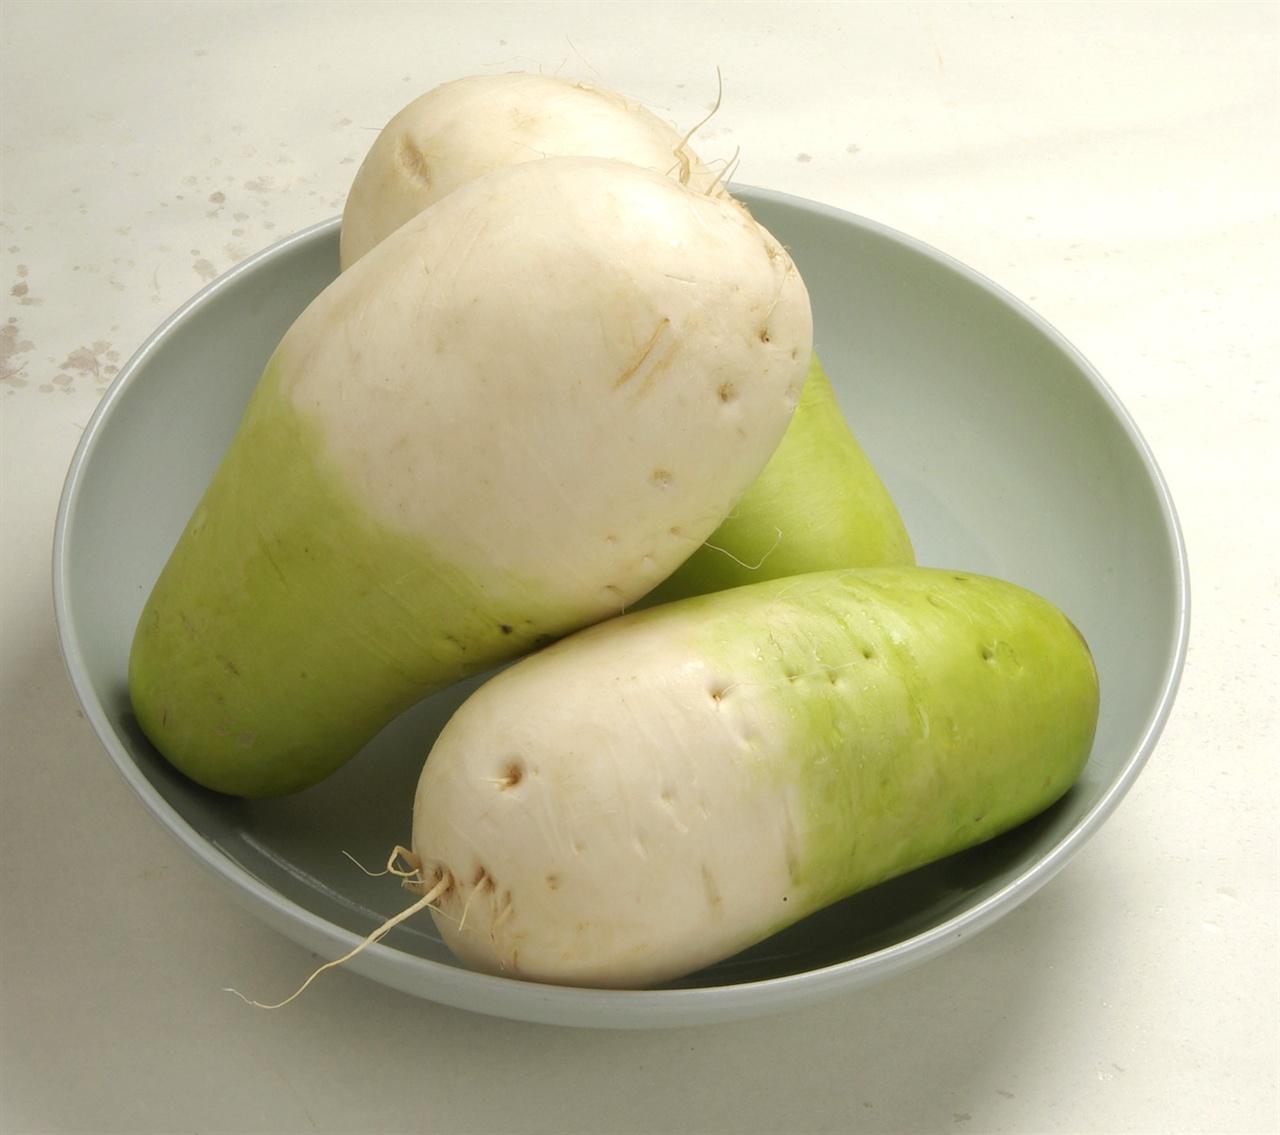 무 가을에 생산되는 무 살이 치밀하고 단단하고 달다. 깍두기나 섞박지등 김치를 담거나 포기배추에 속을 넣어도 좋고 나물이나 조림으로 먹어도 좋다.